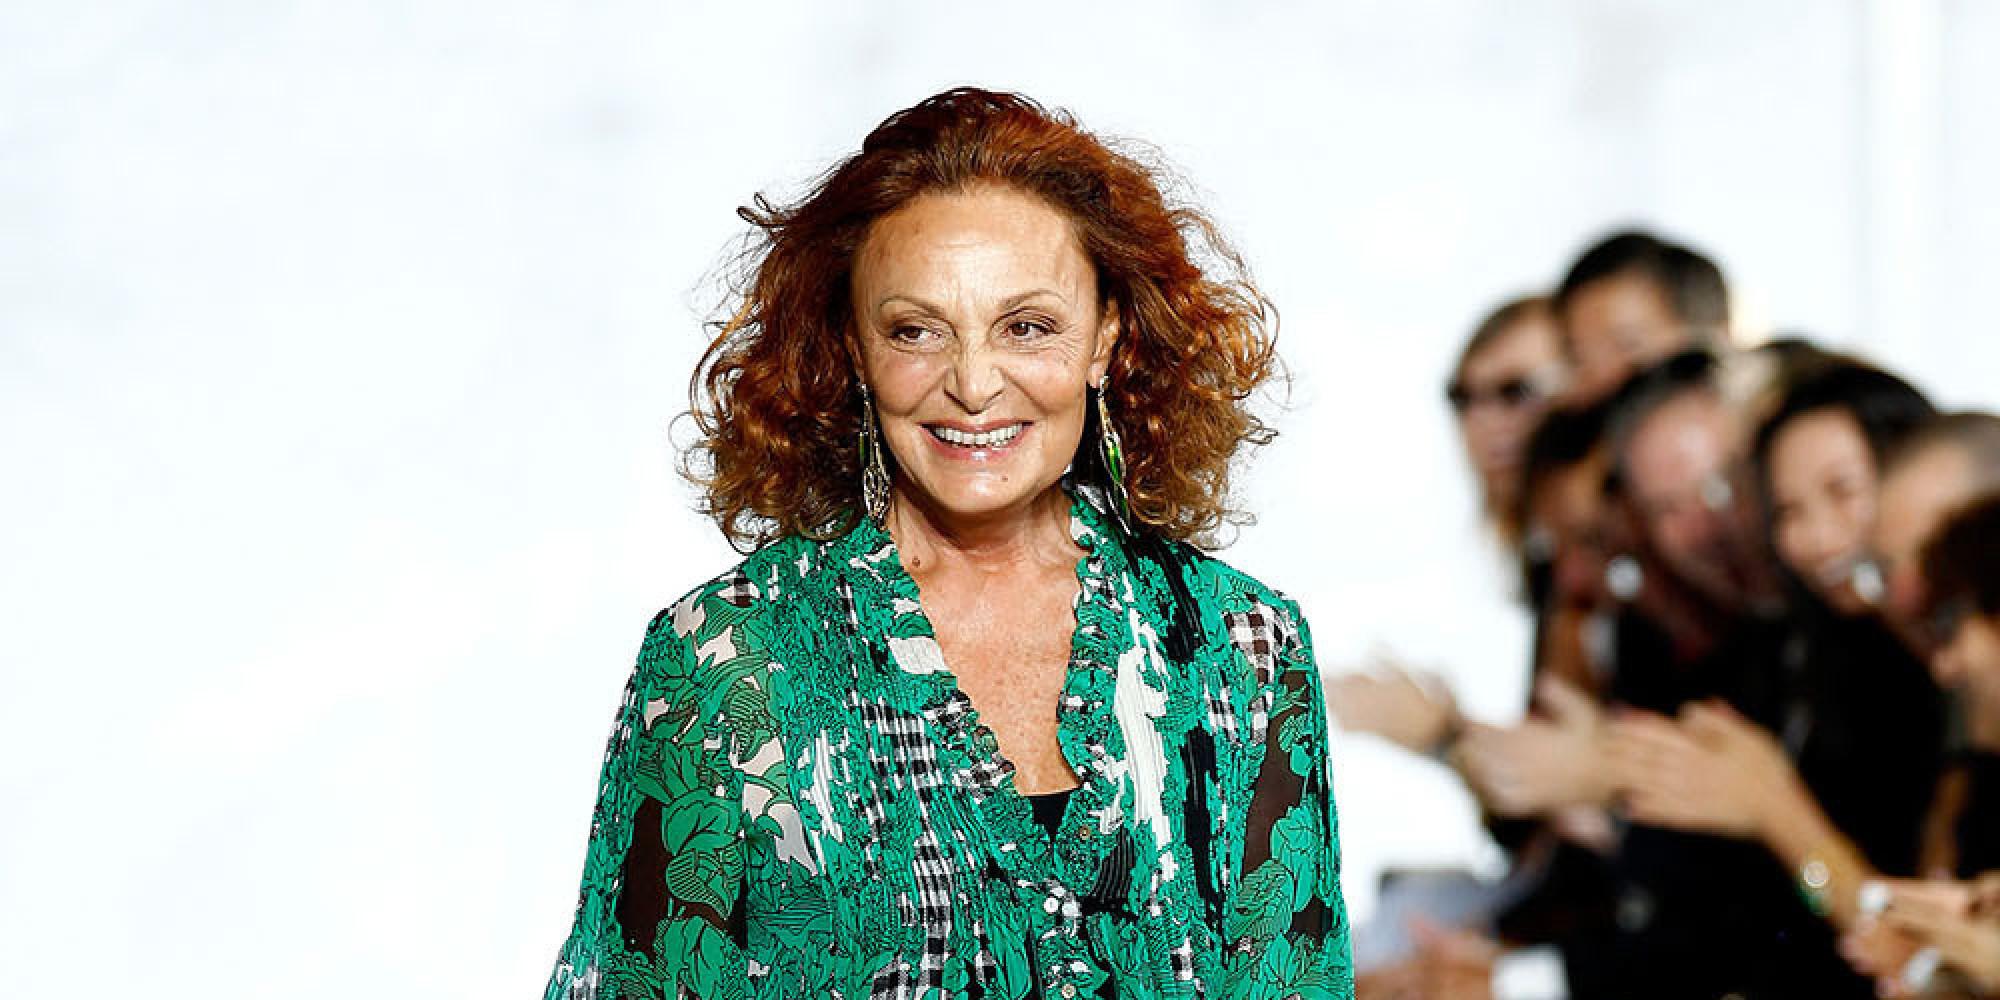 Diane Von Furstenberg Quote: 6 Inspiring Quotes From Diane Von Furstenberg's 'The Woman